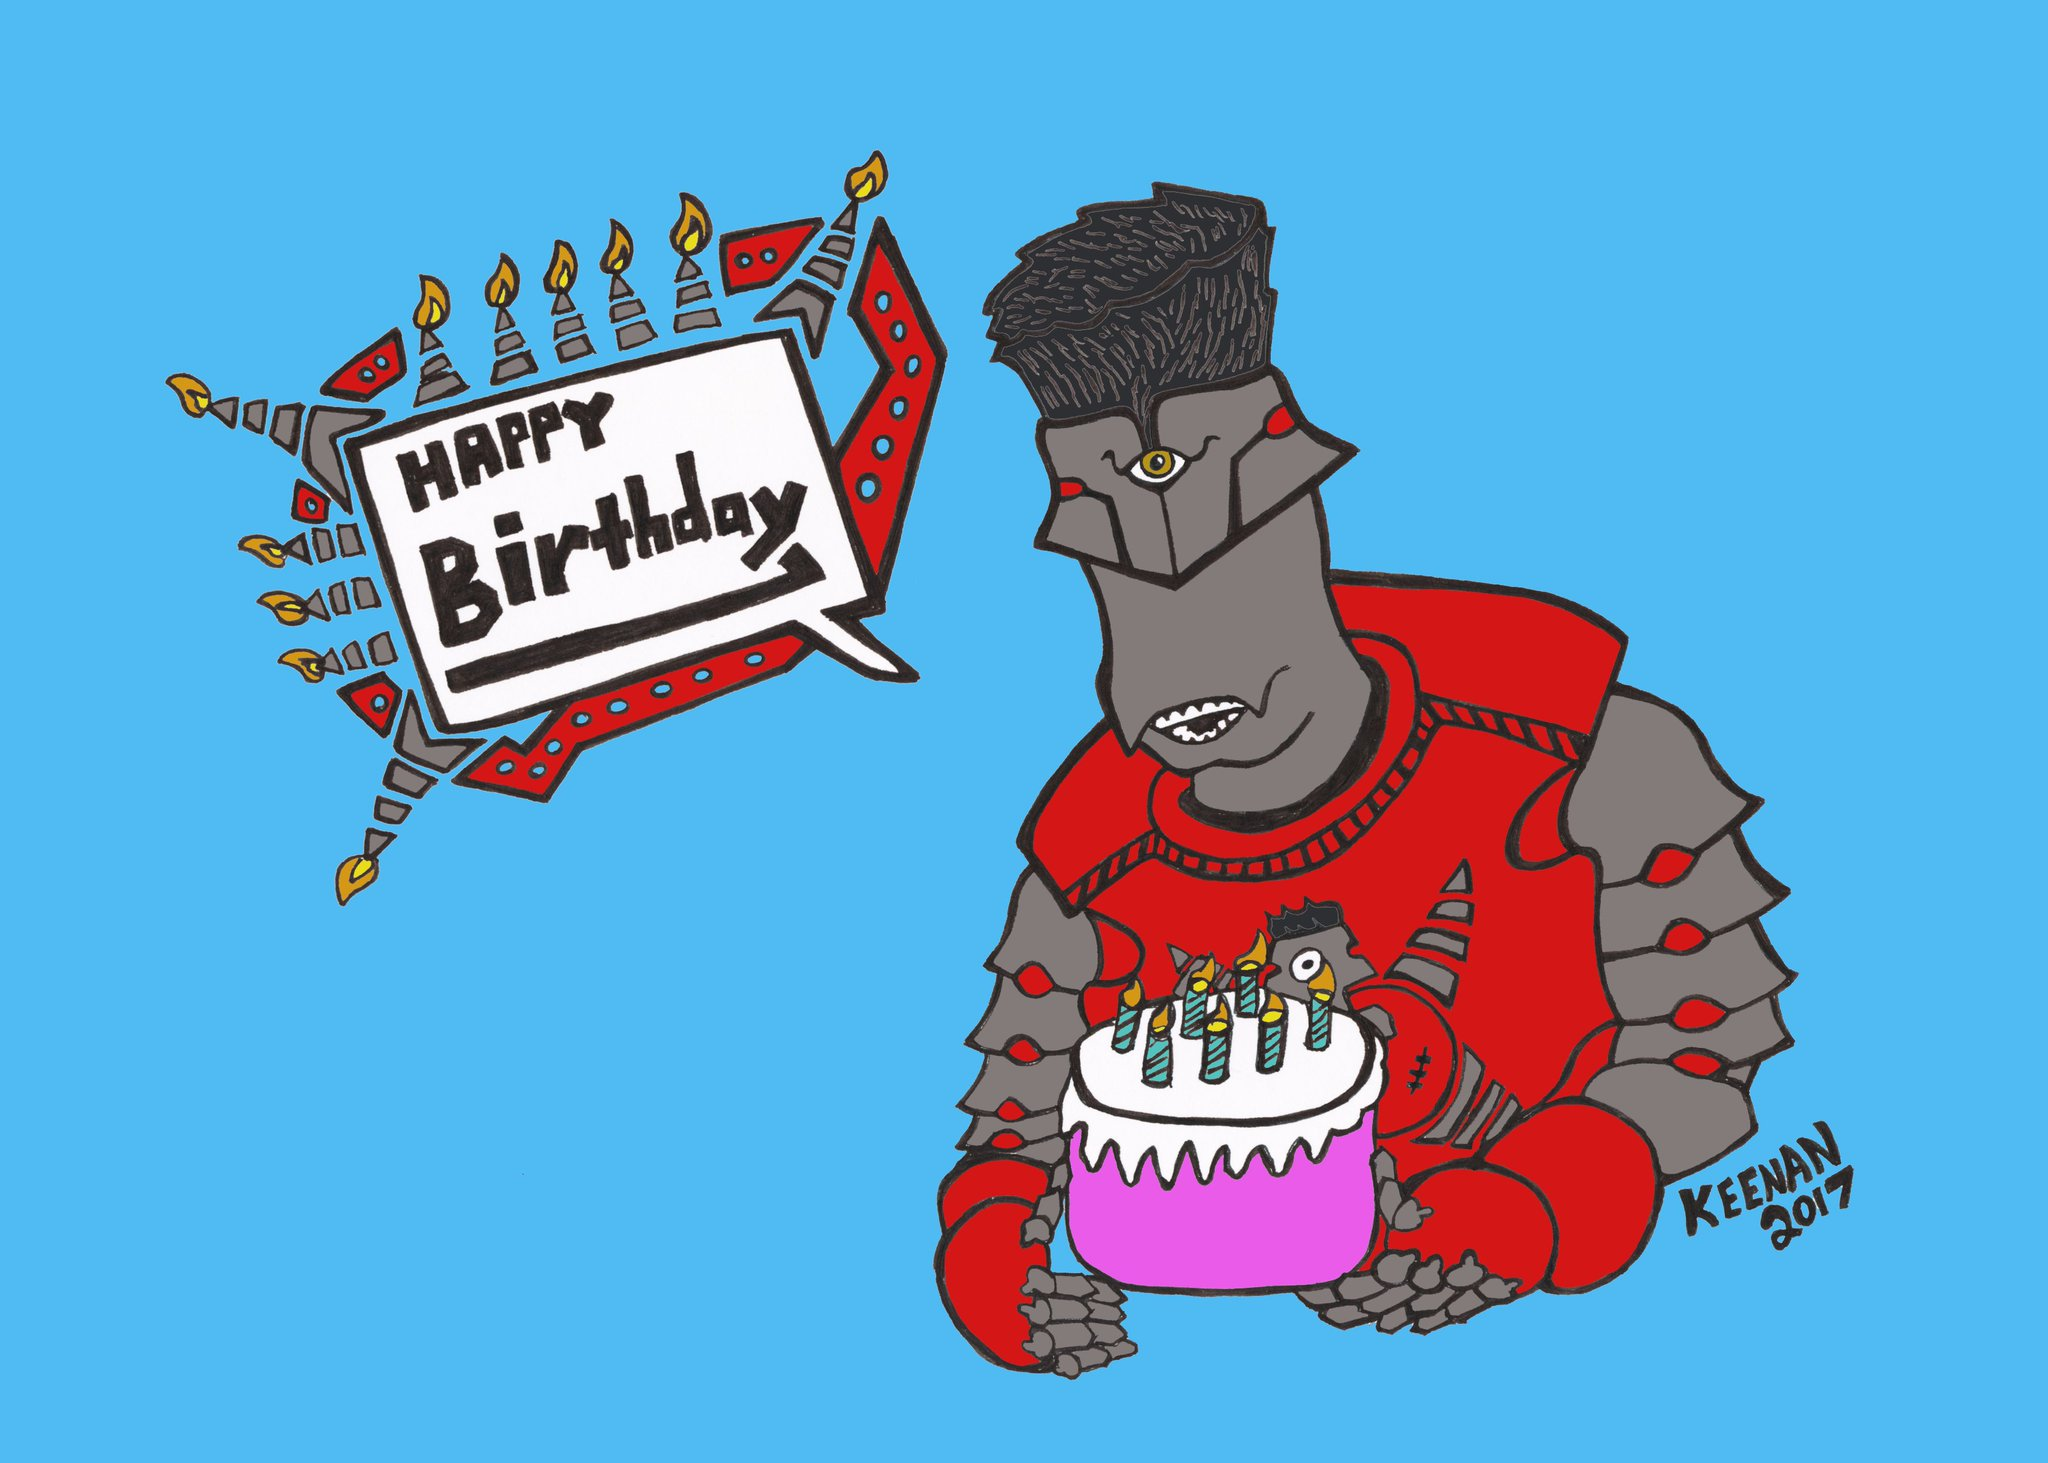 -- Happy Birthday, Kevin!